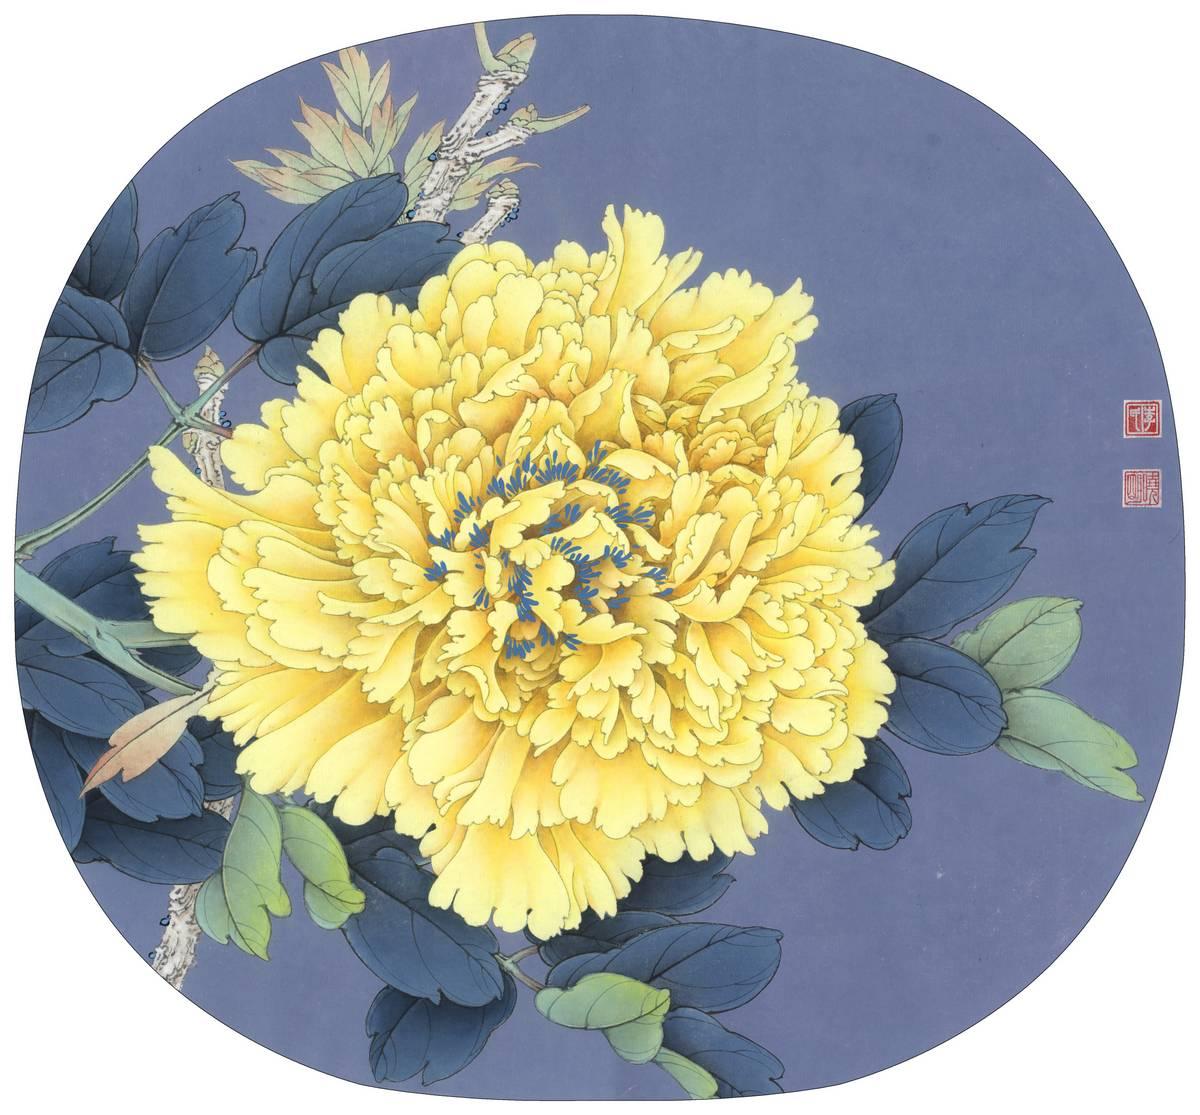 0039_李晓明牡丹工笔画高清图专辑JPG-牡丹团扇四小品之4_5079x4724PX_JPG_300DPI_5.4